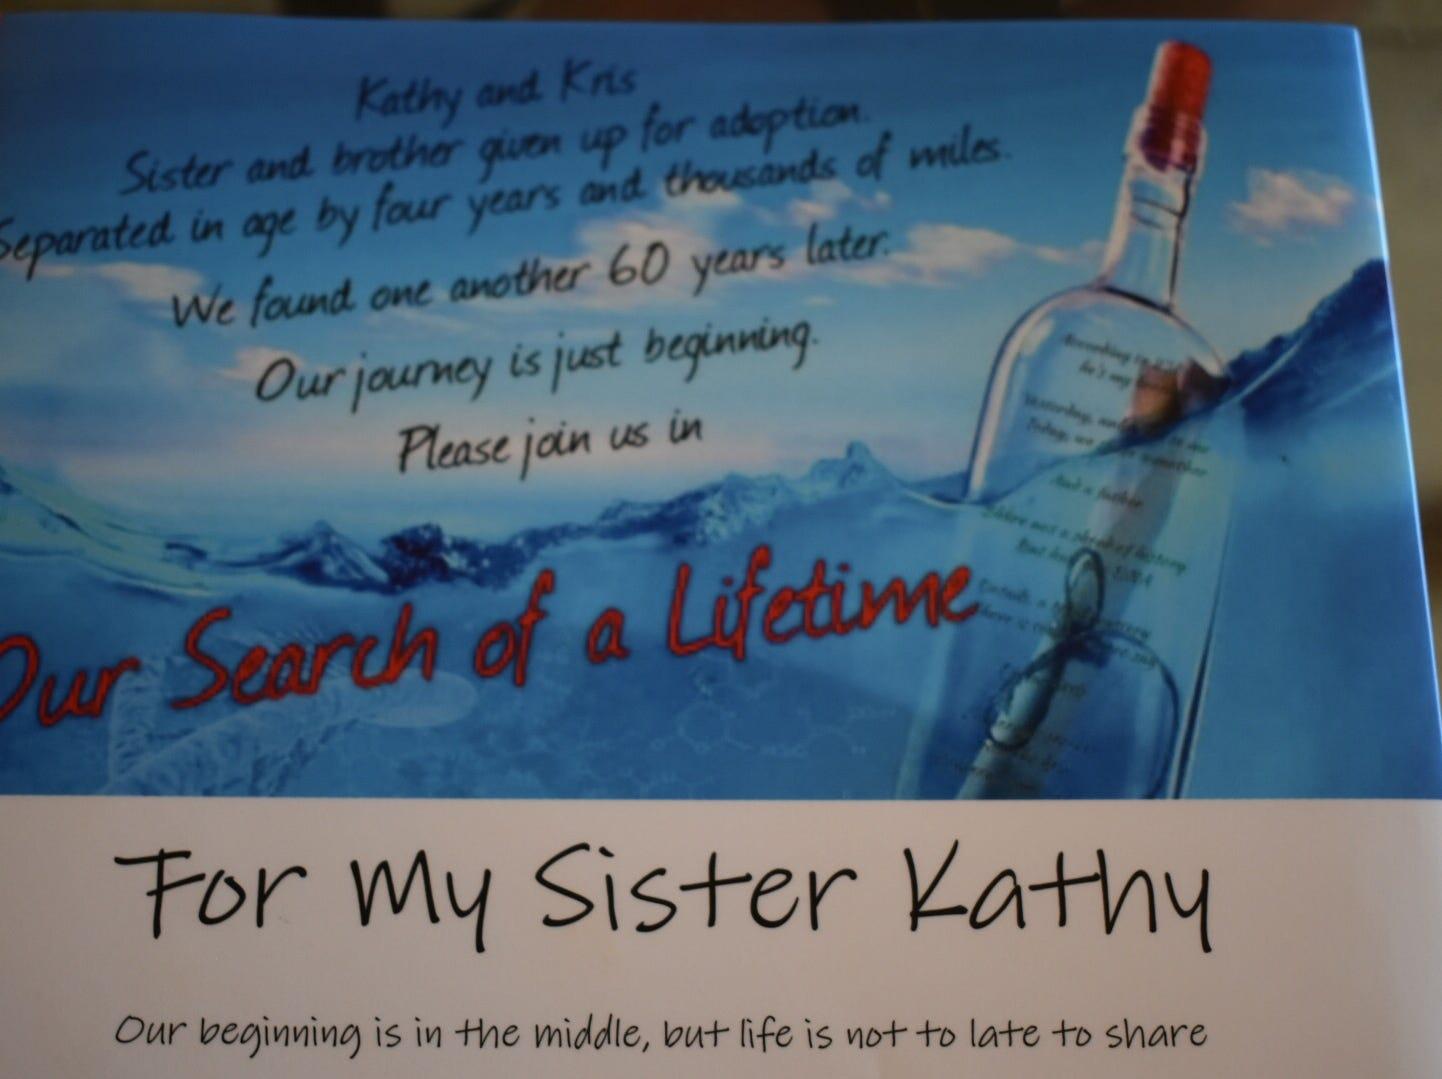 Kris Kaufmann presented this book to Katherine Hamilton, the sister he found through a DNA test.